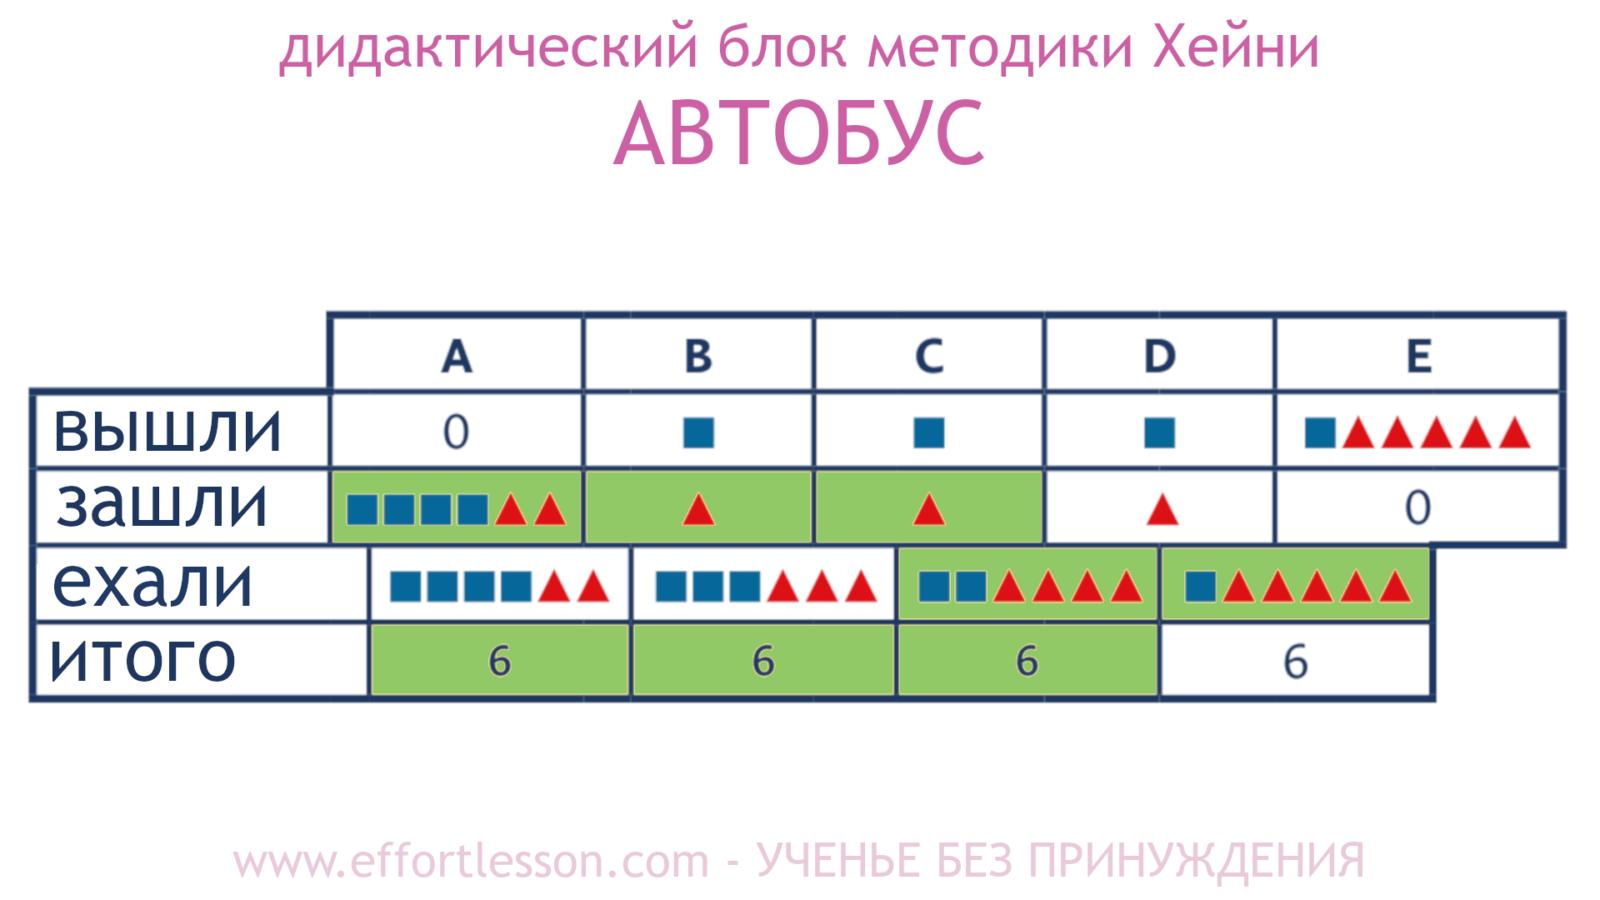 Таблица Автобус метод Хейни 3